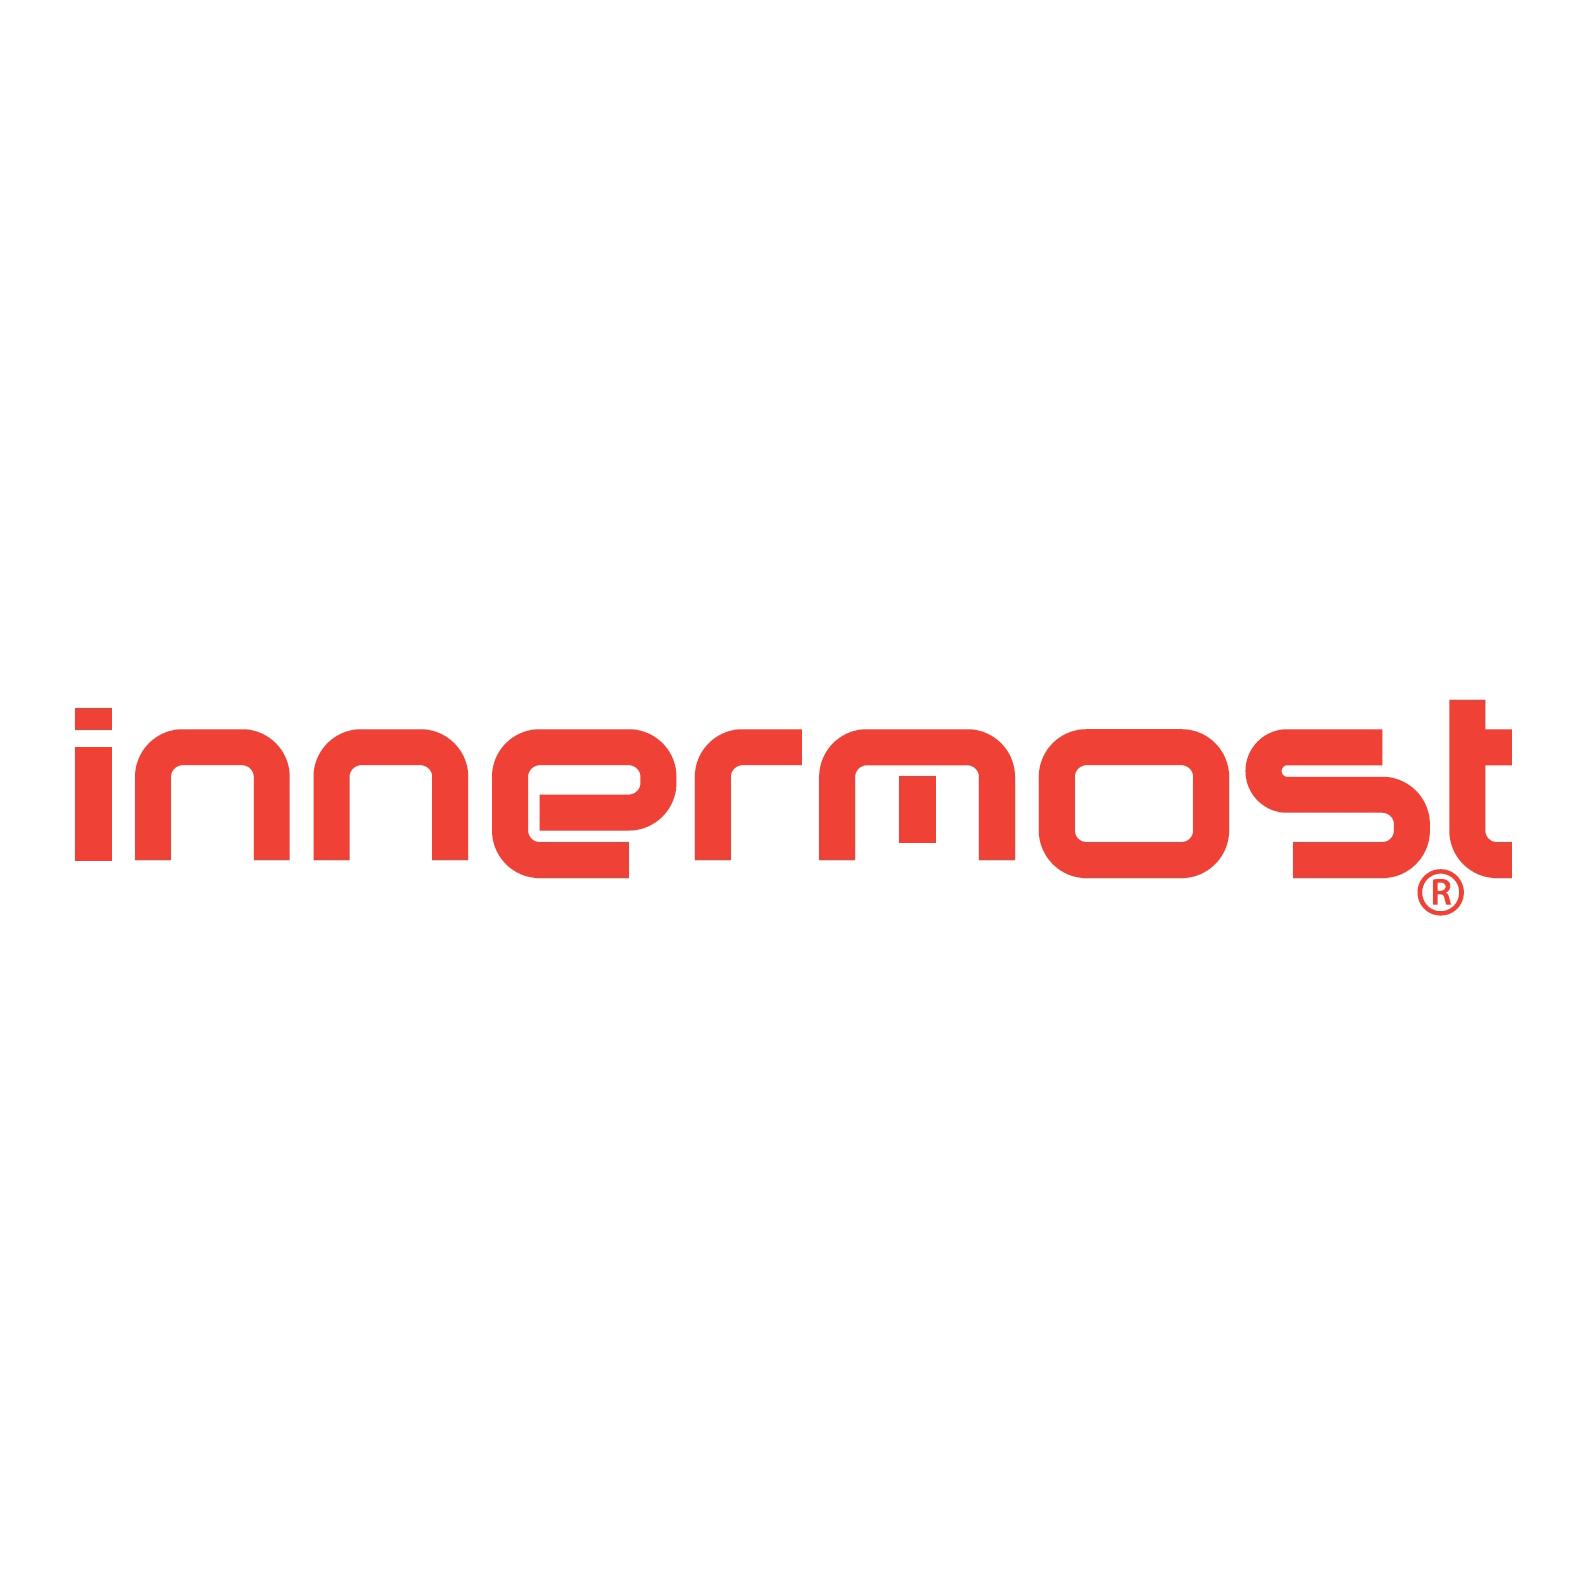 Innermost Logo.jpg